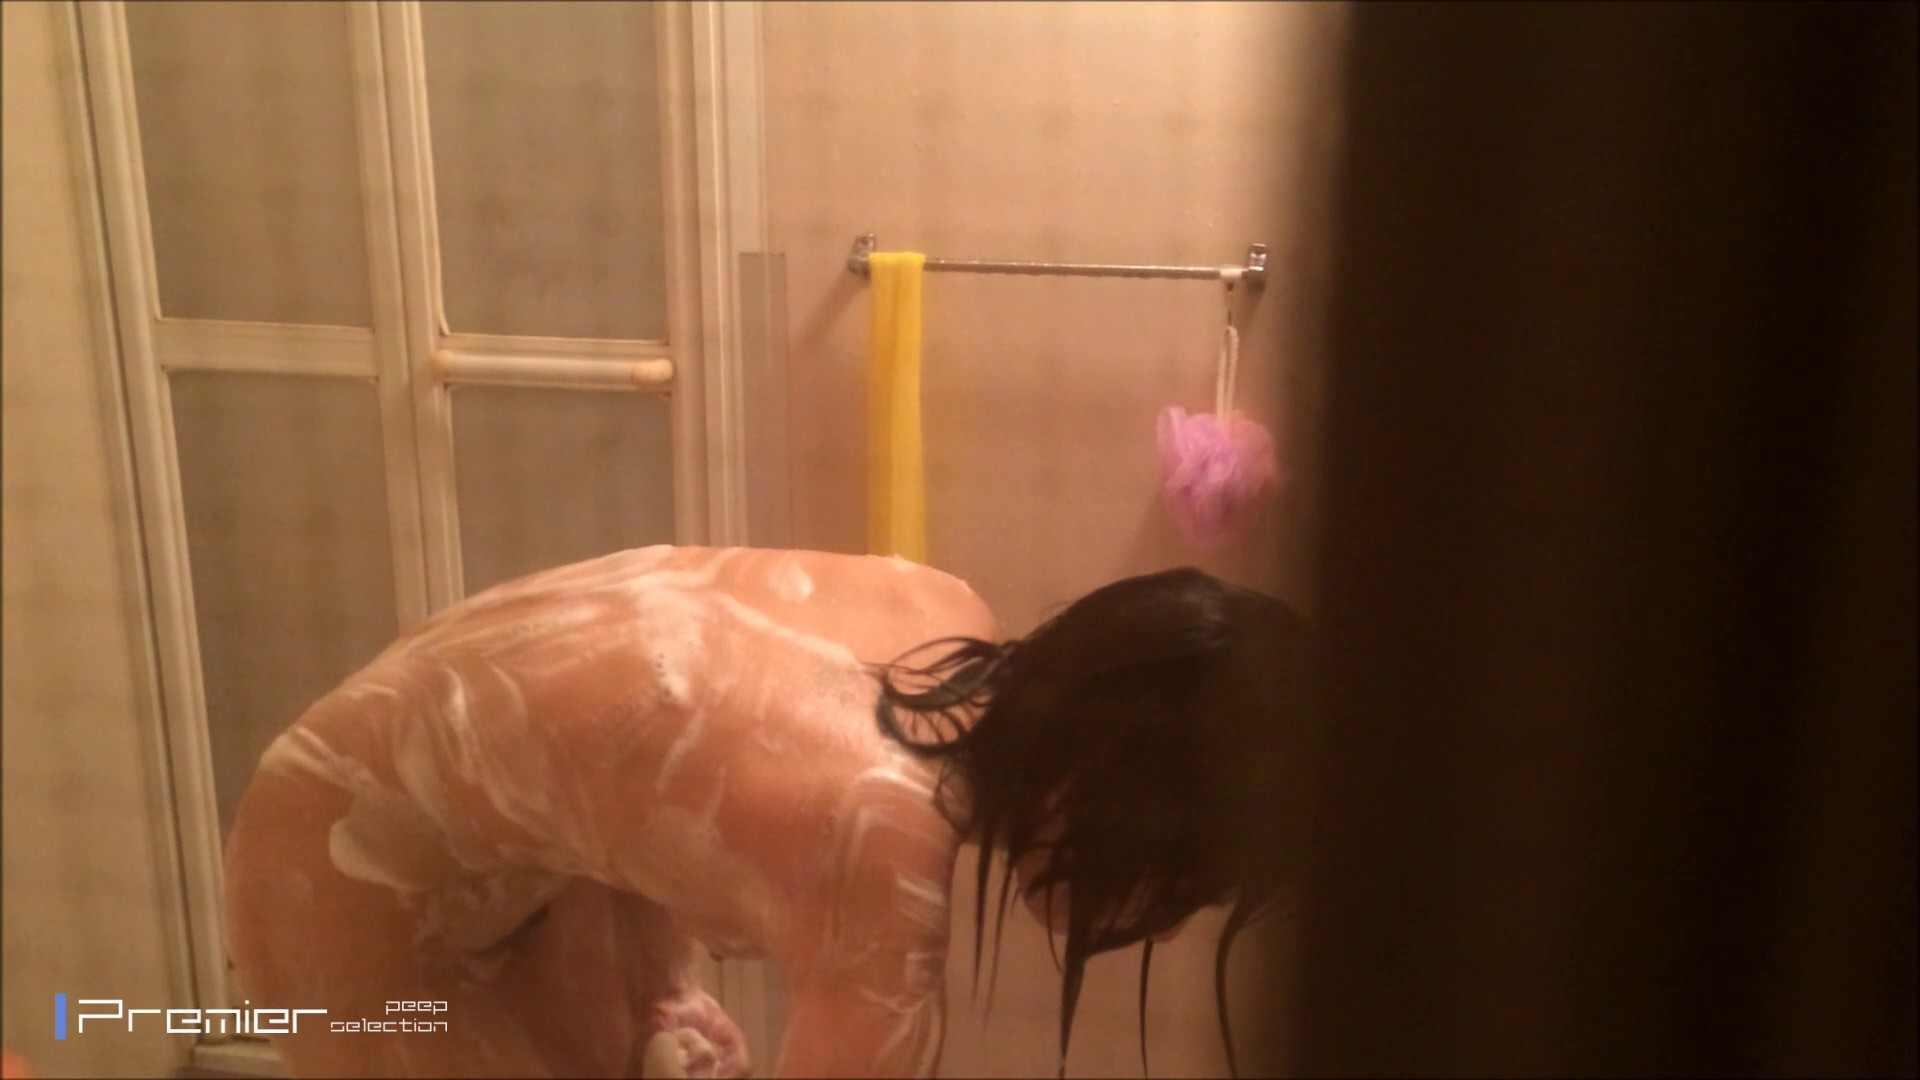 シャワーのお湯を跳ね返すお肌 乙女の風呂場 Vol.03 綺麗な乙女  98連発 6